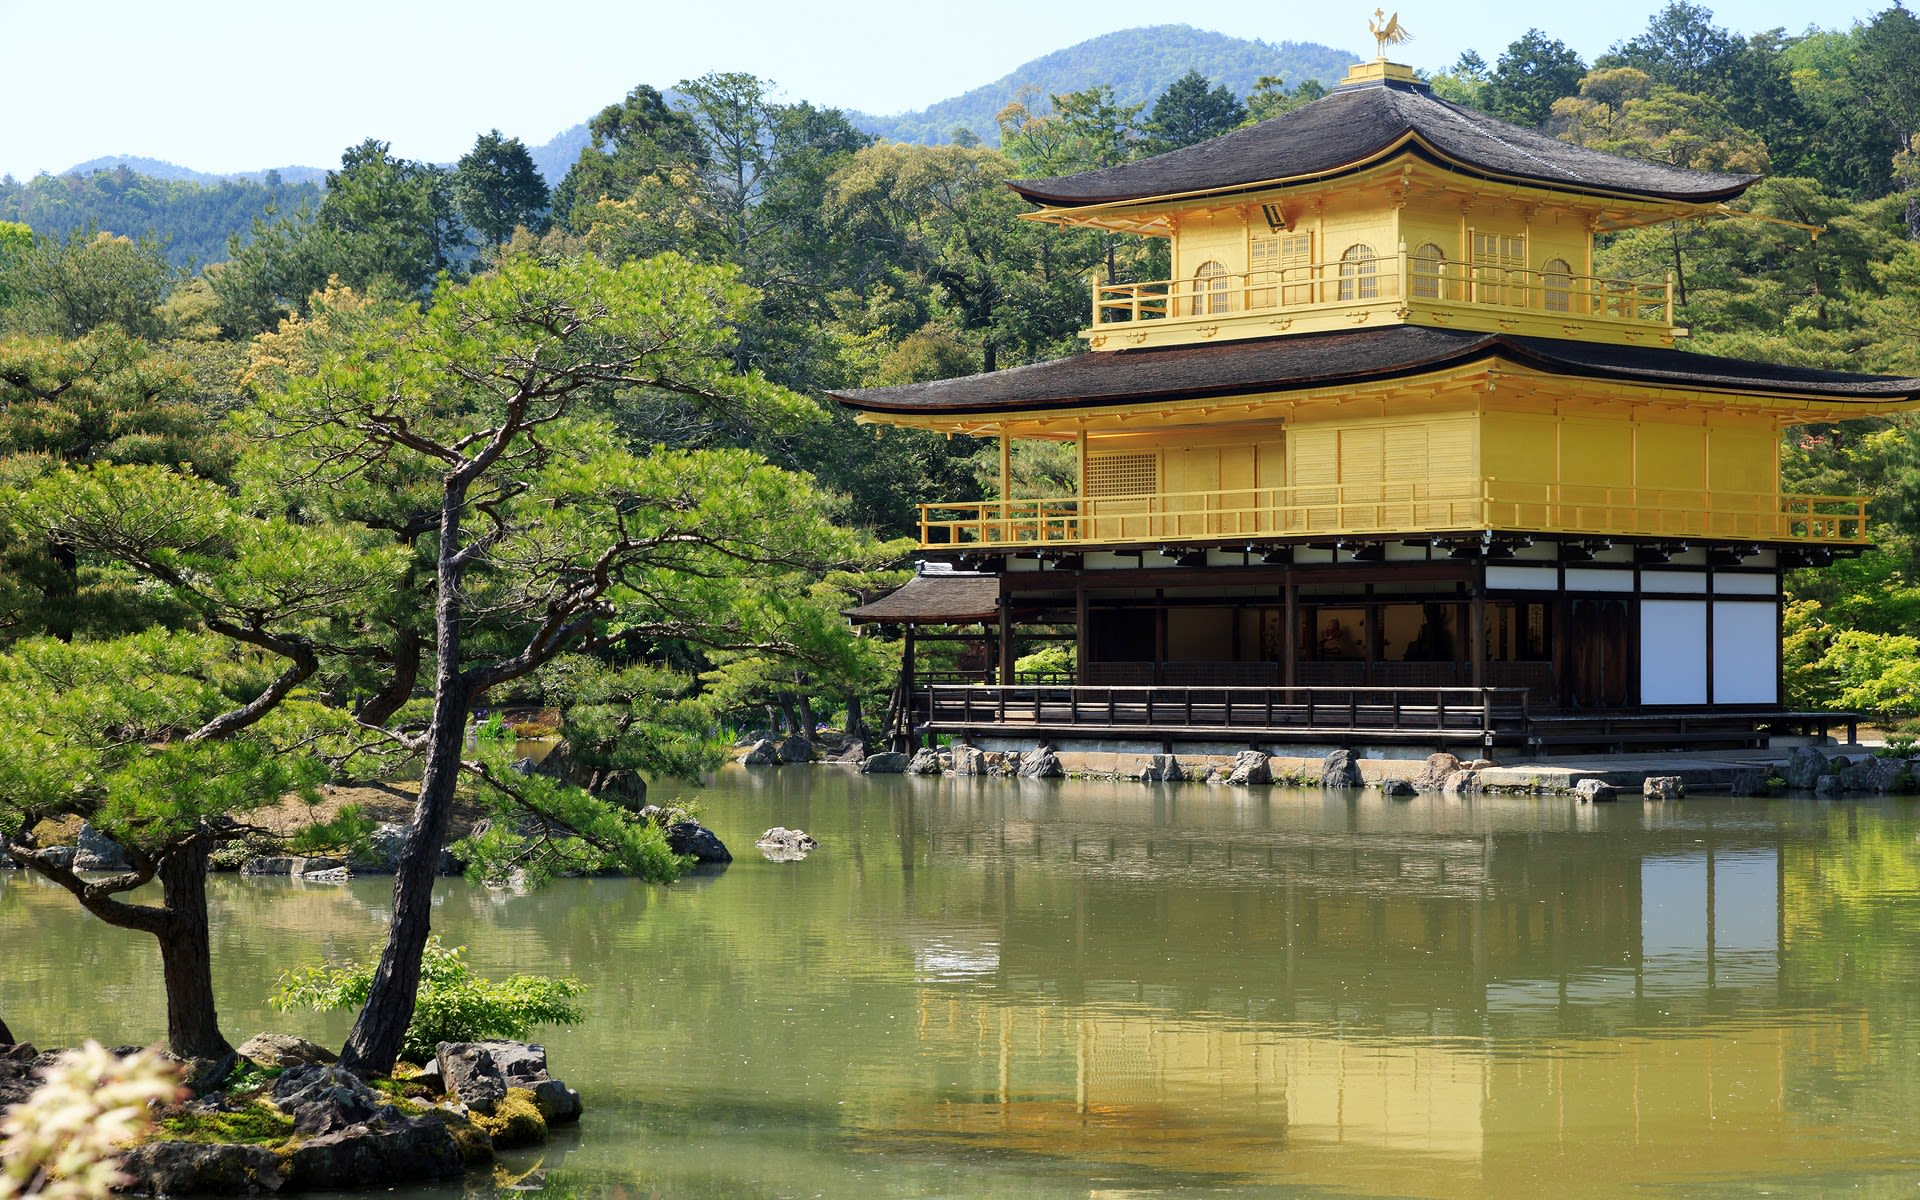 金閣寺の日本の景色の壁紙